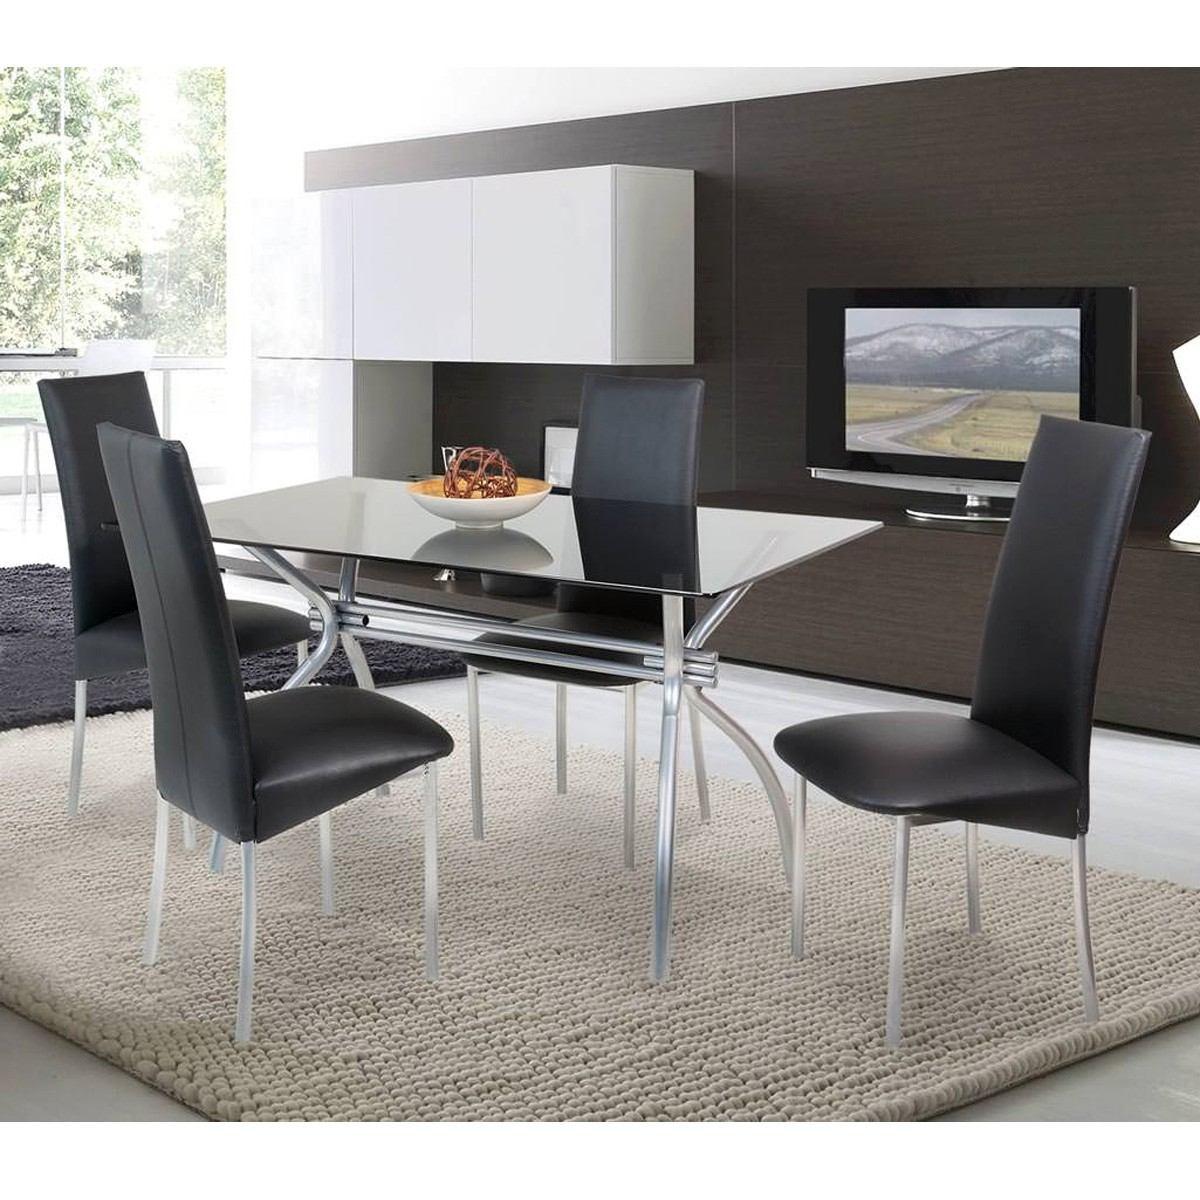 Mesas redondas de cristal de comedor mesa saln comedor for Mesas de comedor de vidrio